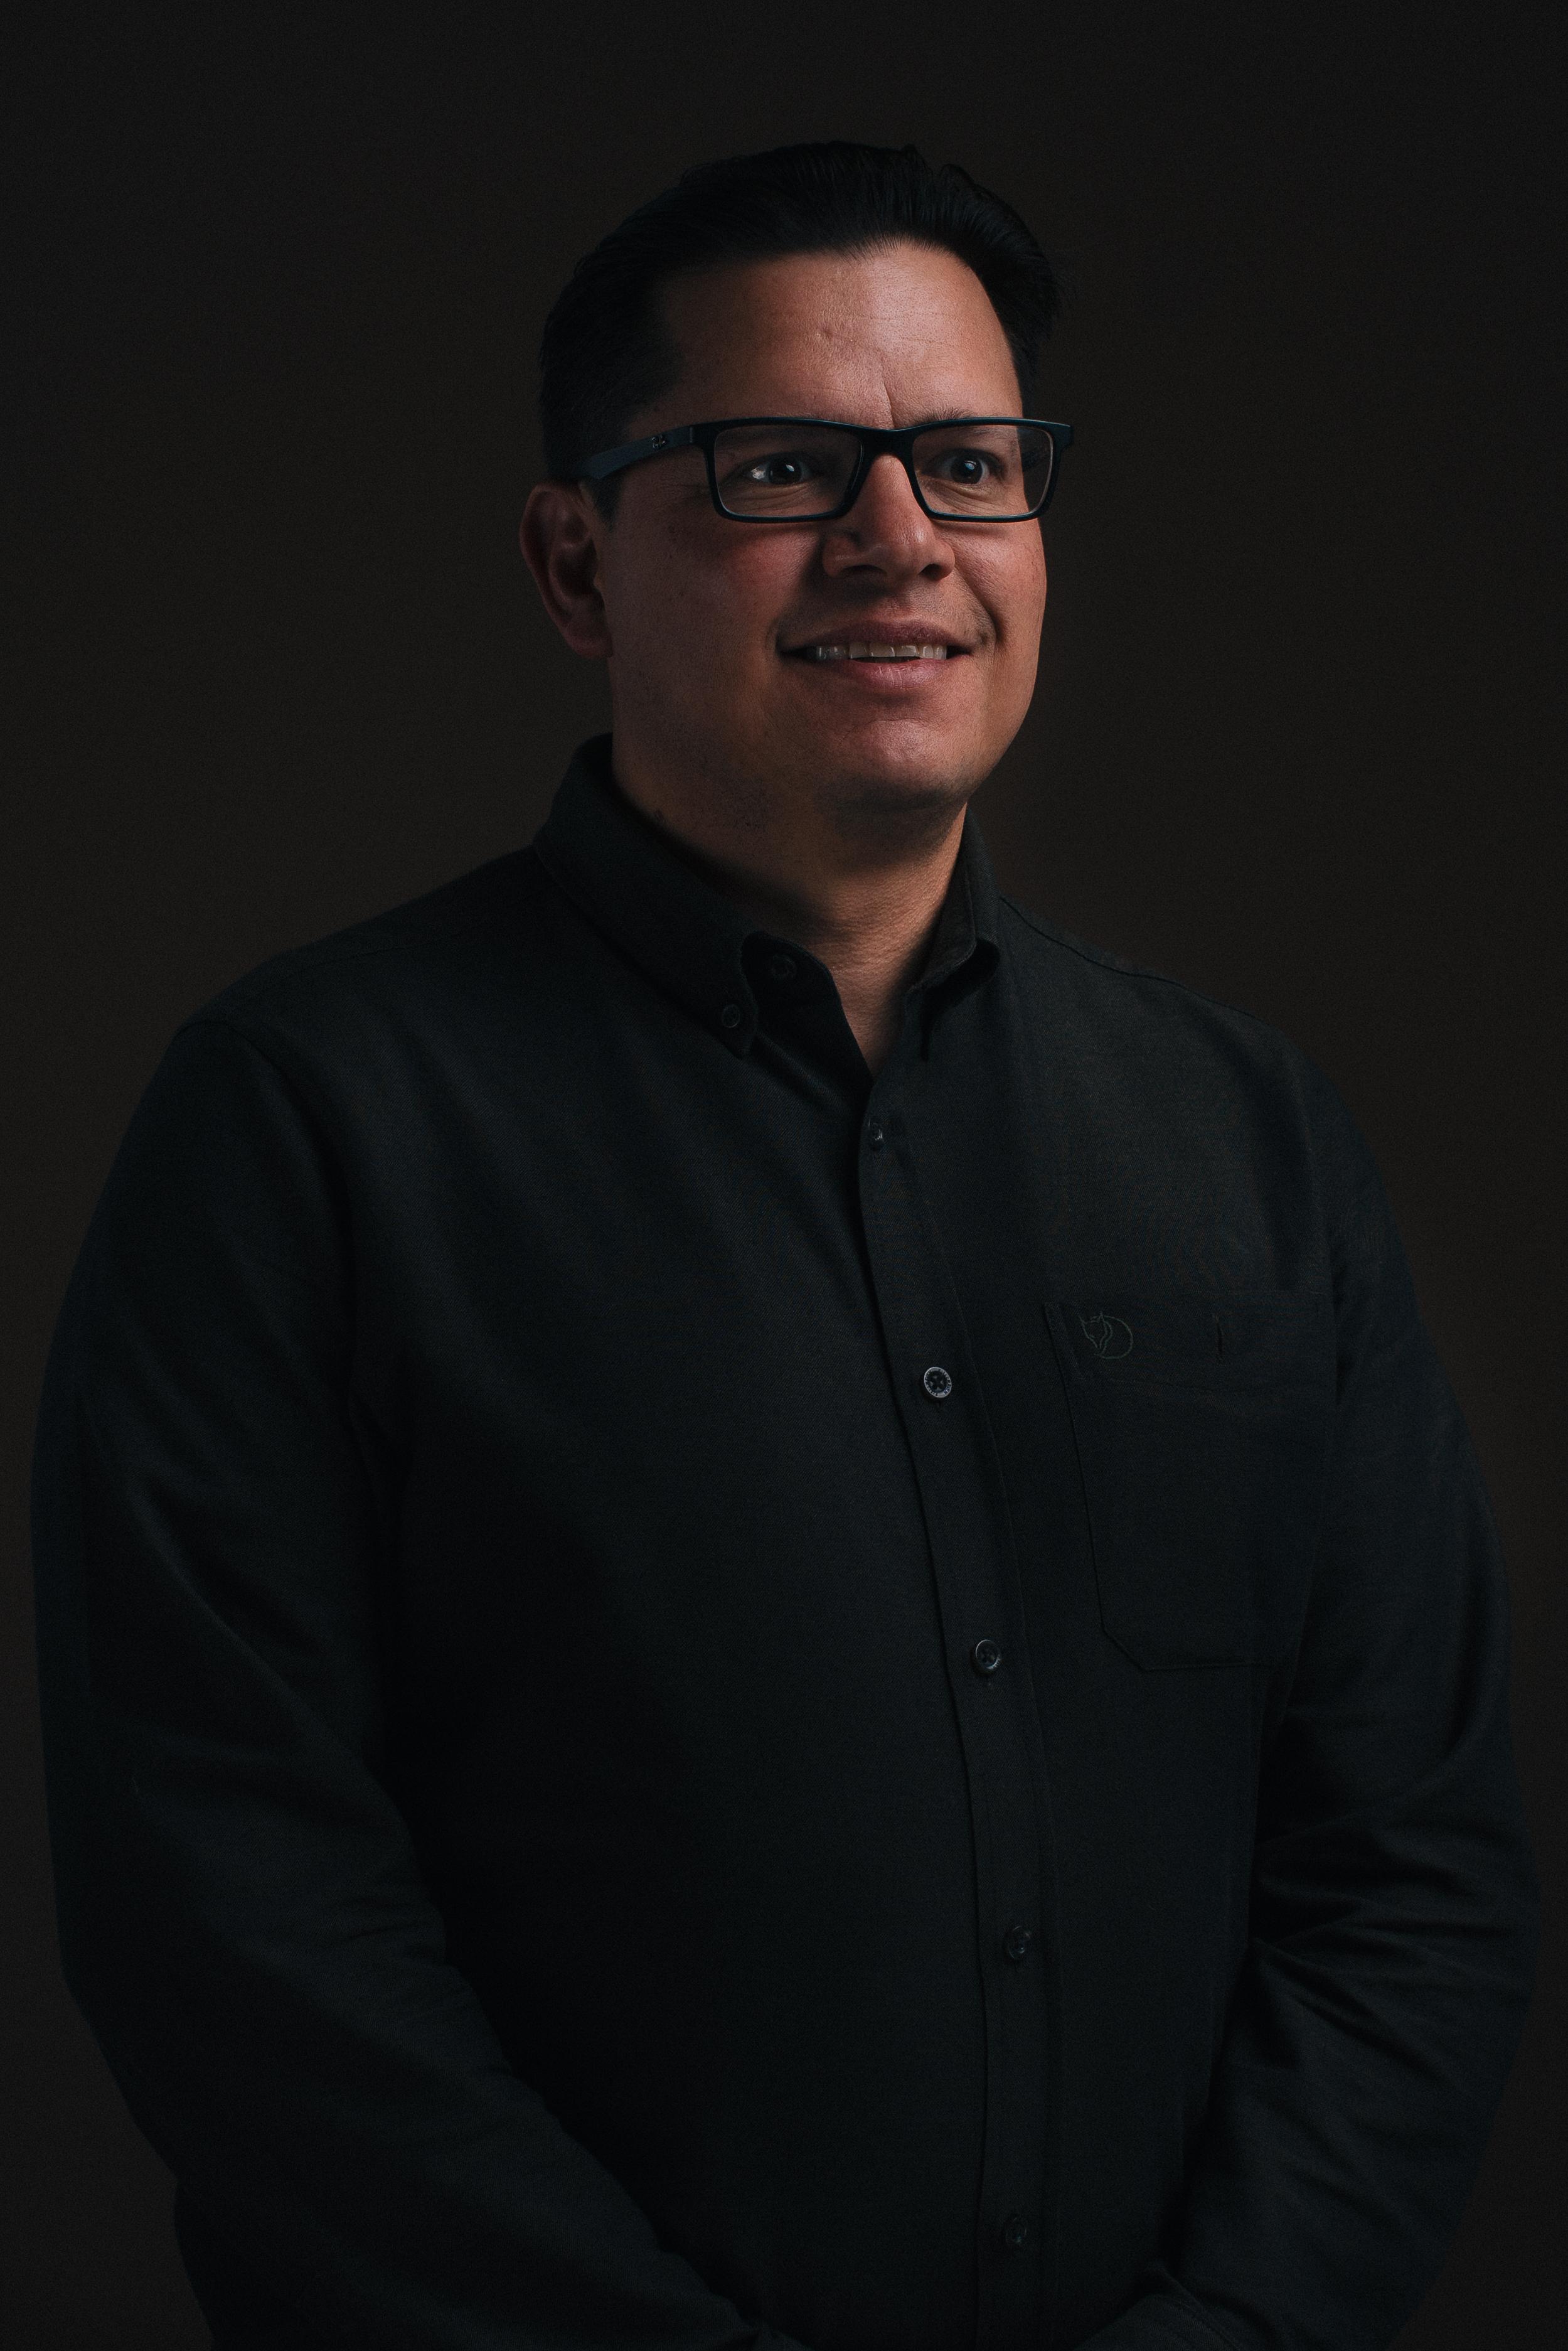 William Camacho - Pre-construction | Consultant | wcamacho@cltvt.com | 858.228.6225